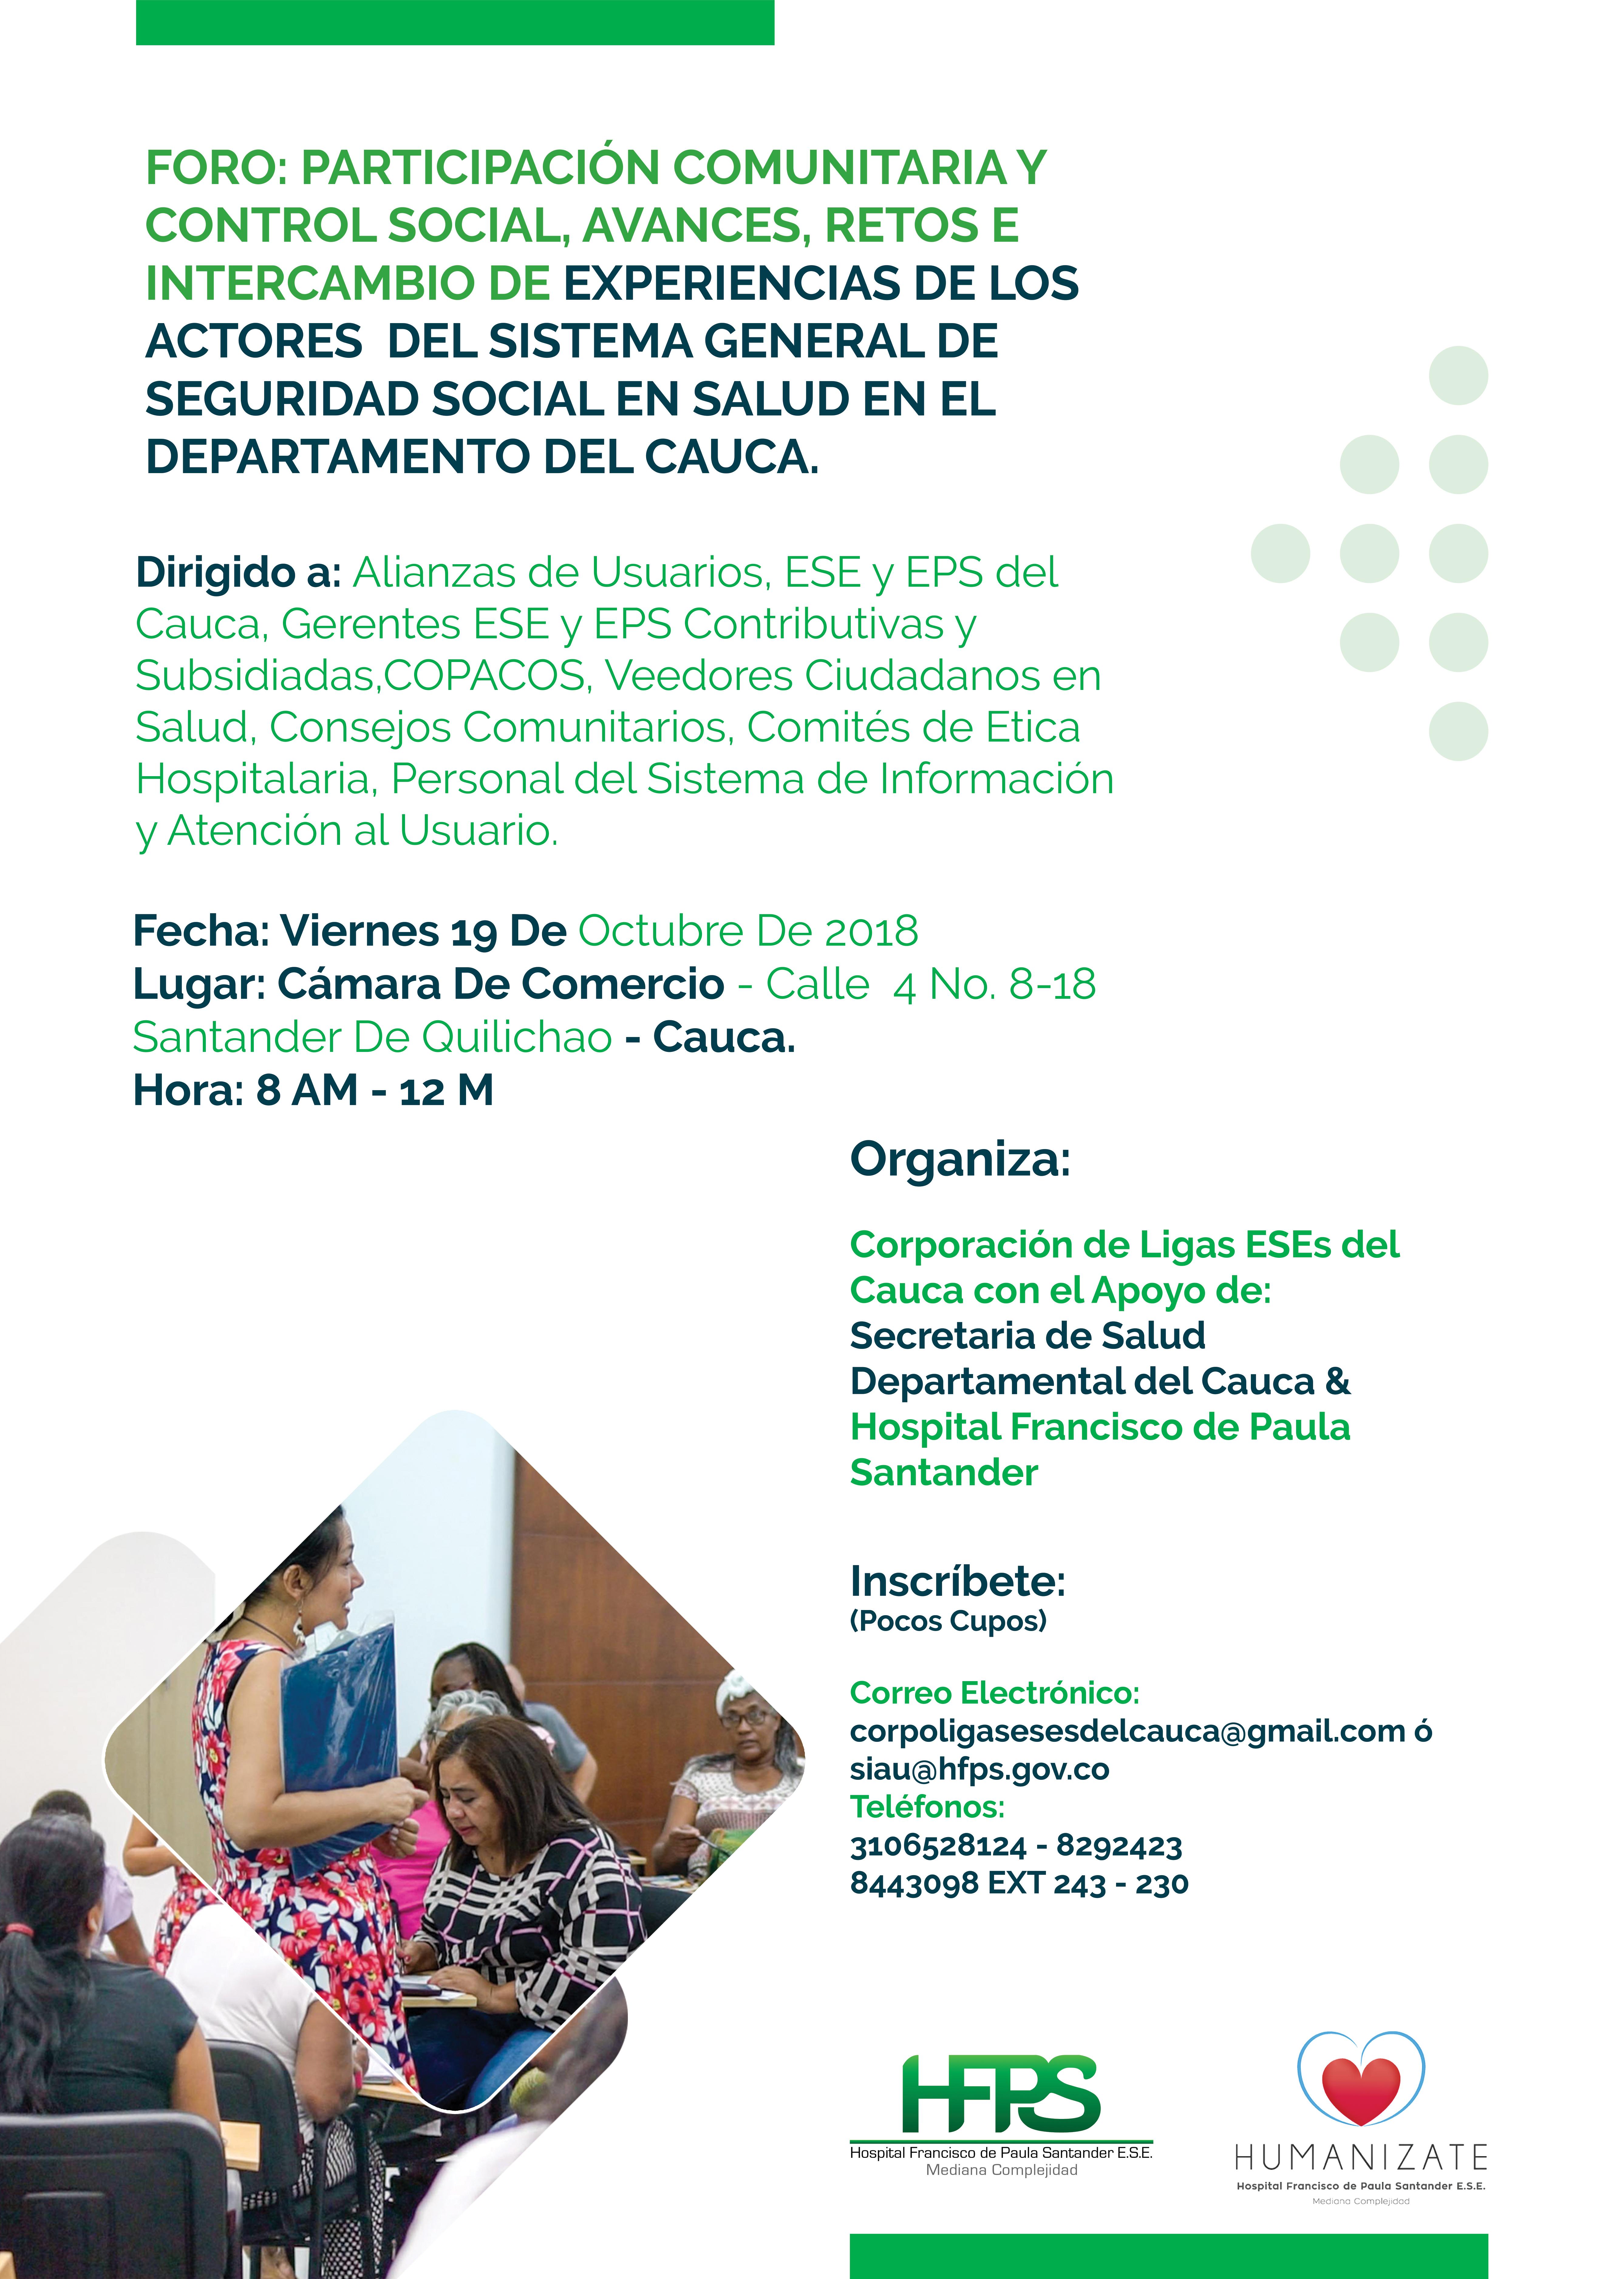 Invitación al Foro de Participación Comunitaria y Control Social